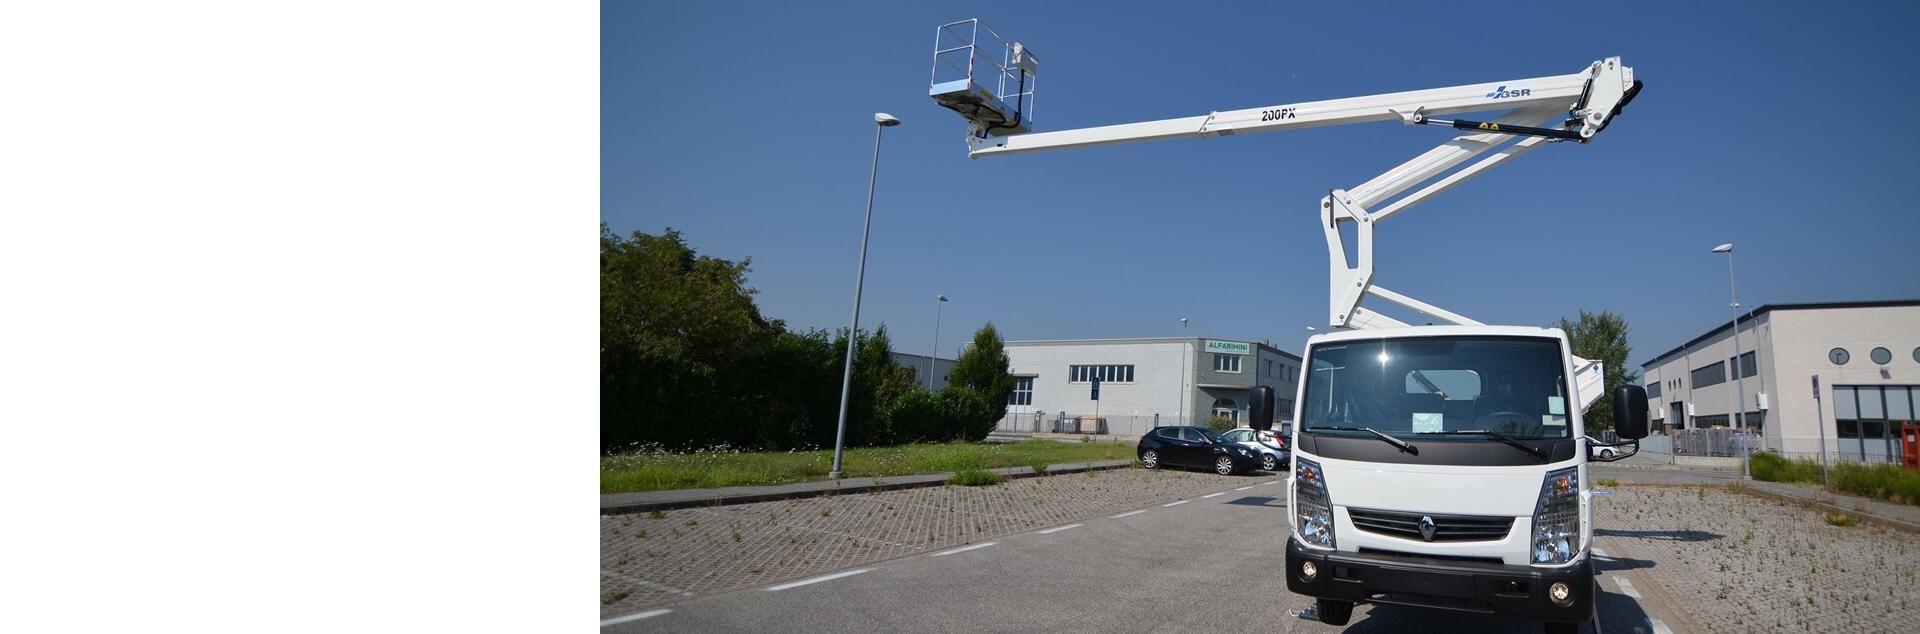 GSR presenta una gama de plataformas con alturas de trabajo de 14 a 36 metros